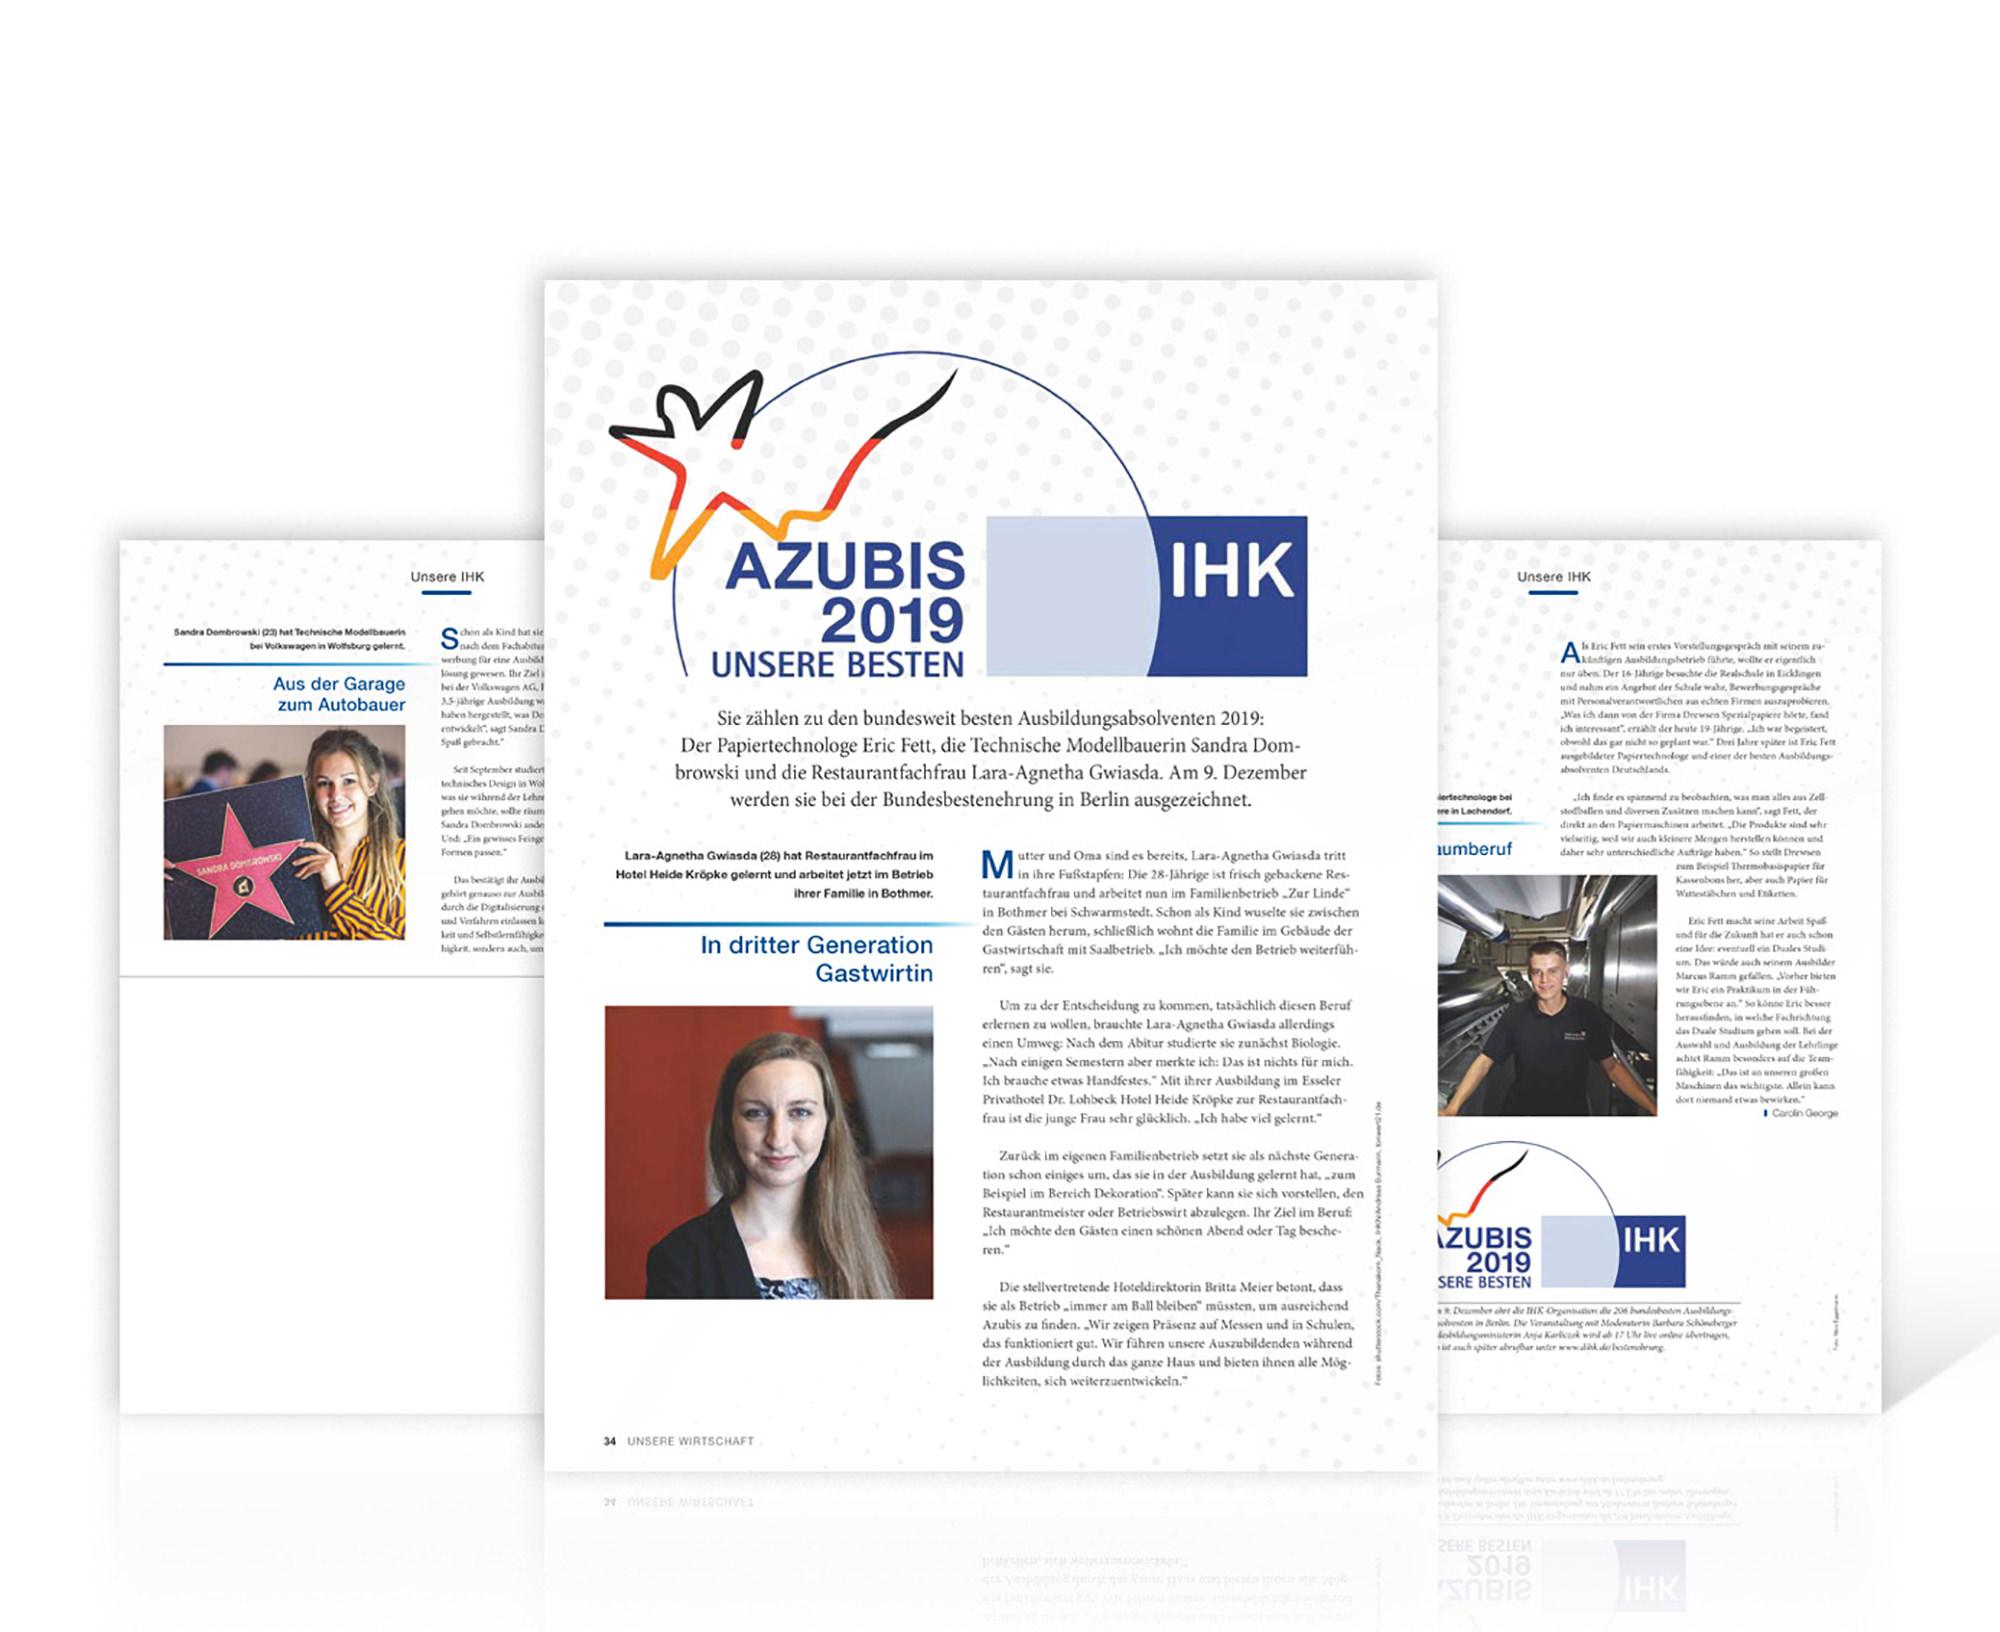 PR Kreativ Kontor - Bericht im IHK-Magazin Unsere Wirtschaft, Dezember 2019